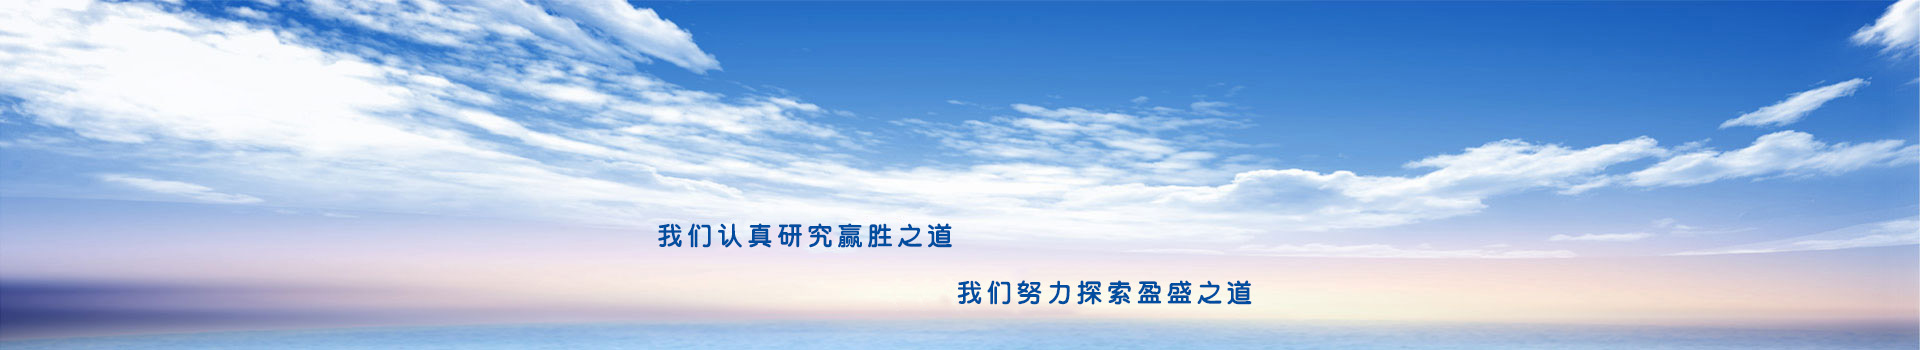 大奖888手机版官网